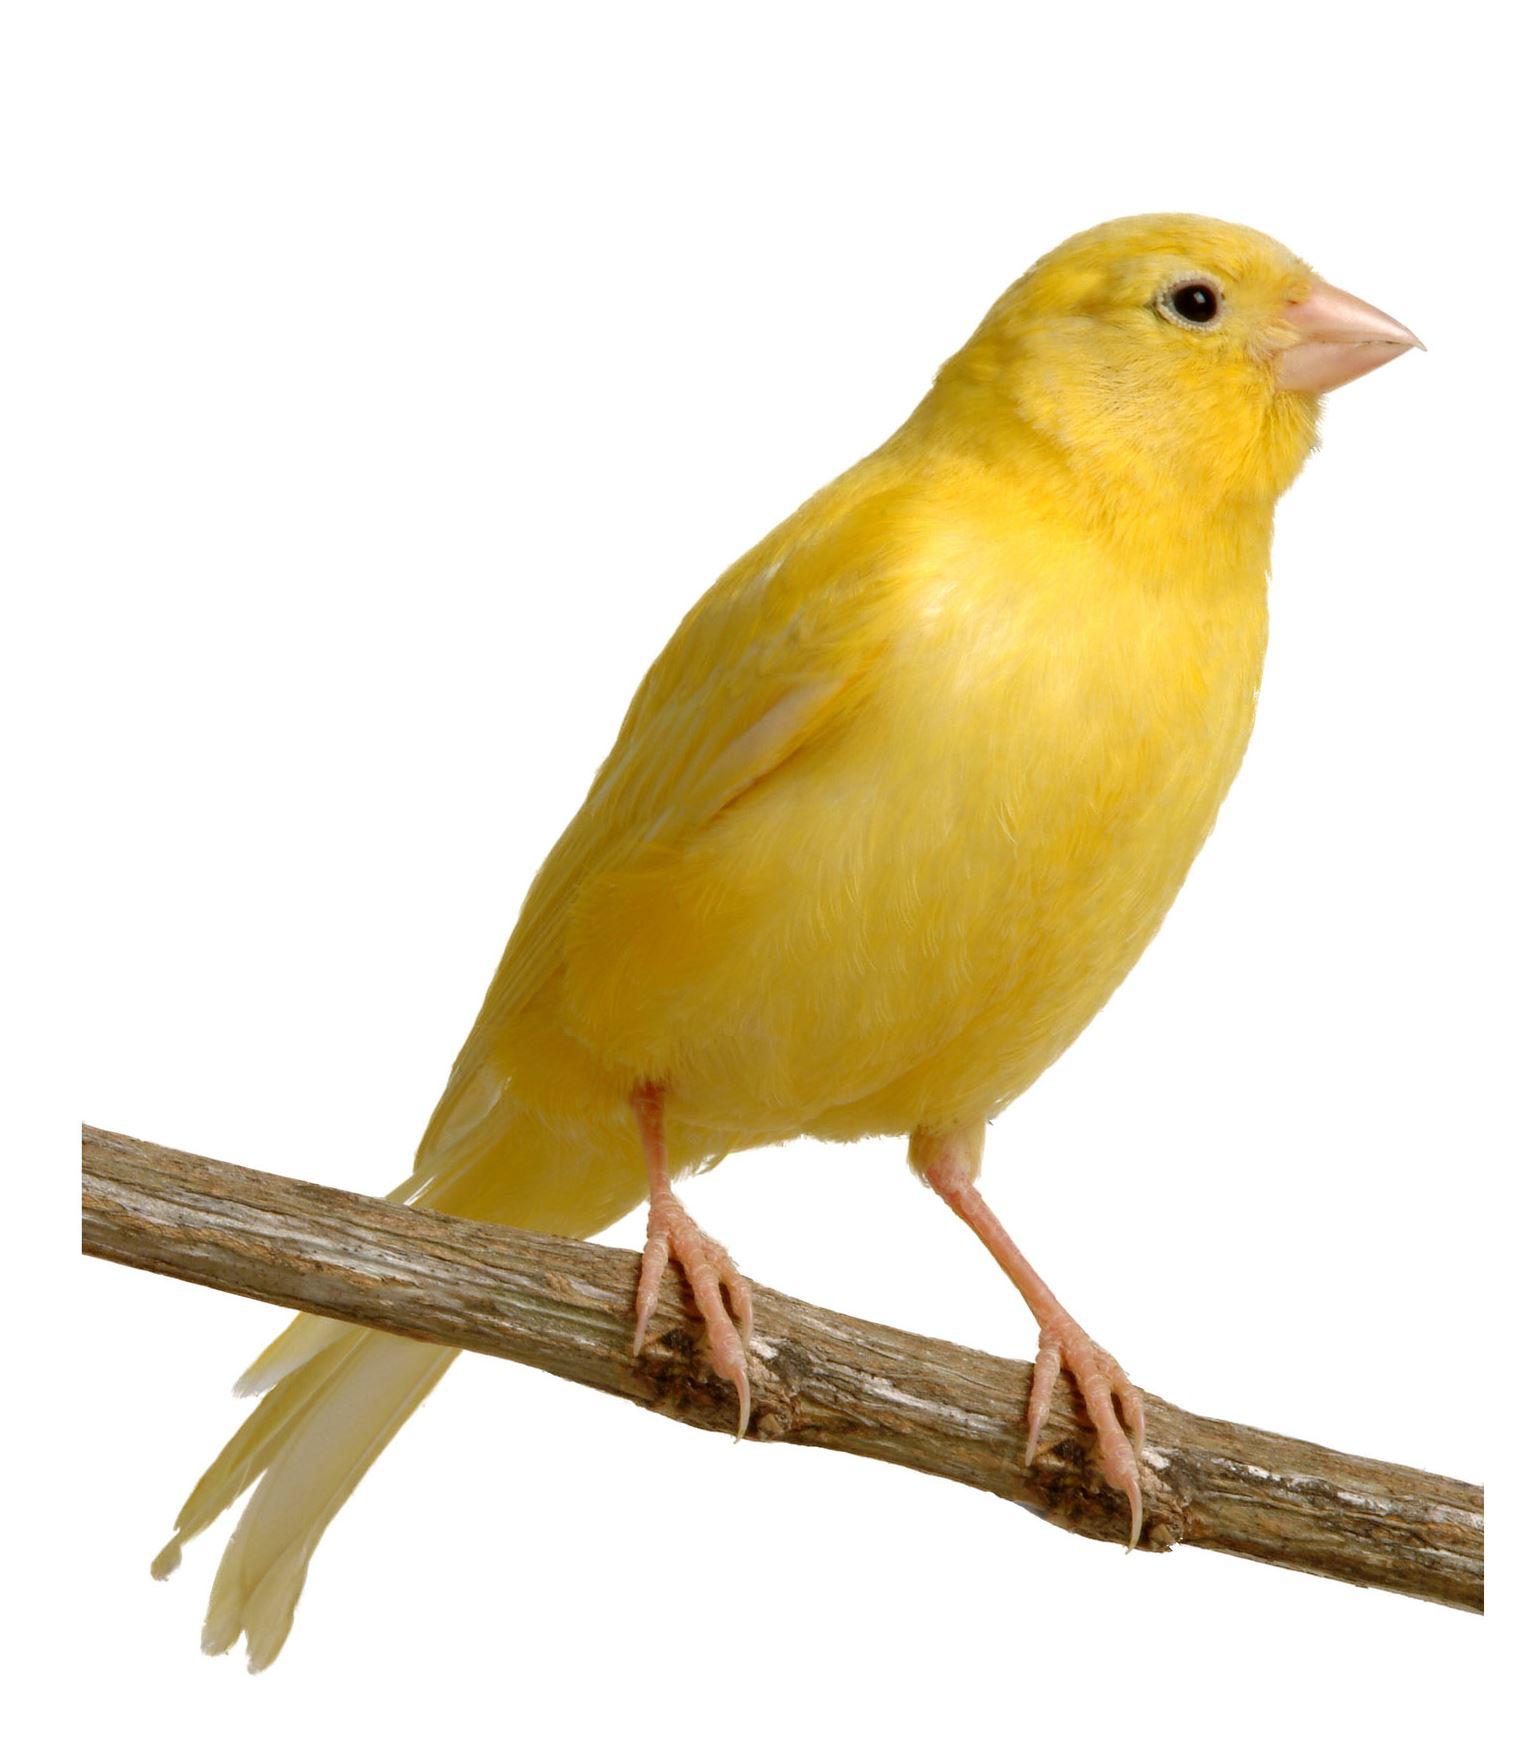 Canary A canary  Yellow Canary Bird